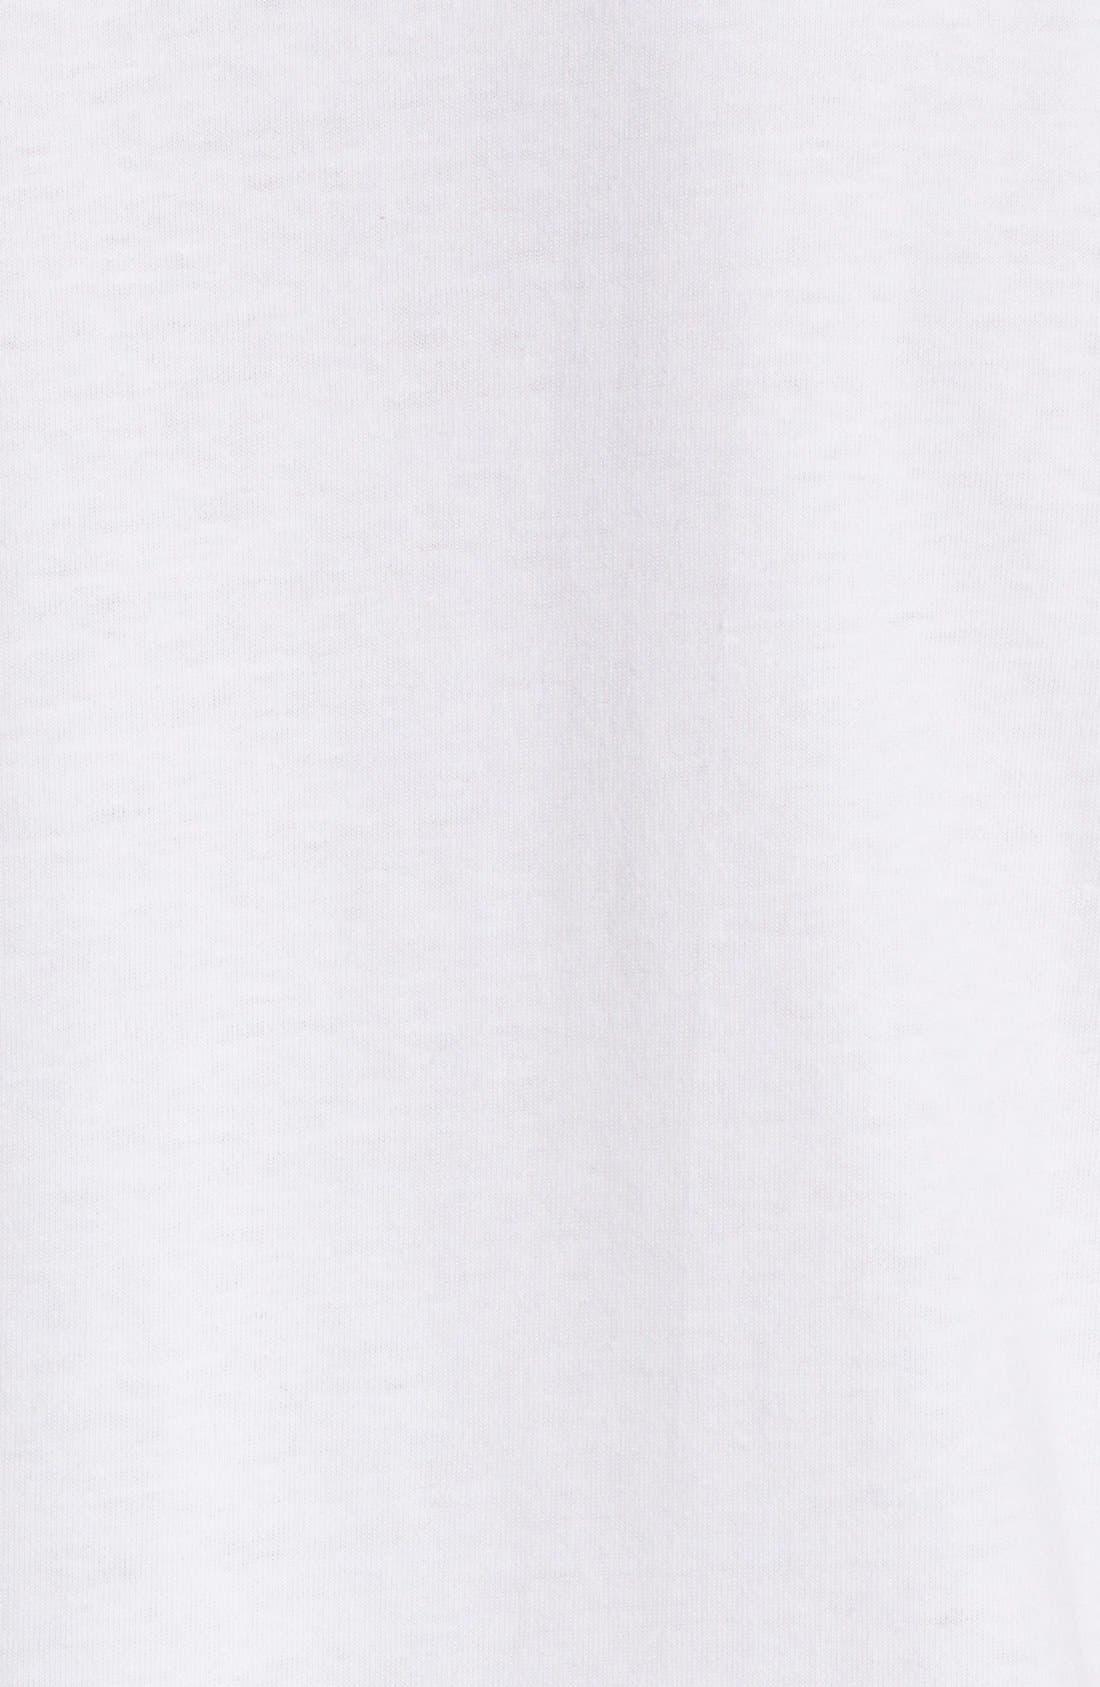 Comme des Garçons PLAY Heart Face Graphic T-Shirt,                             Alternate thumbnail 5, color,                             White